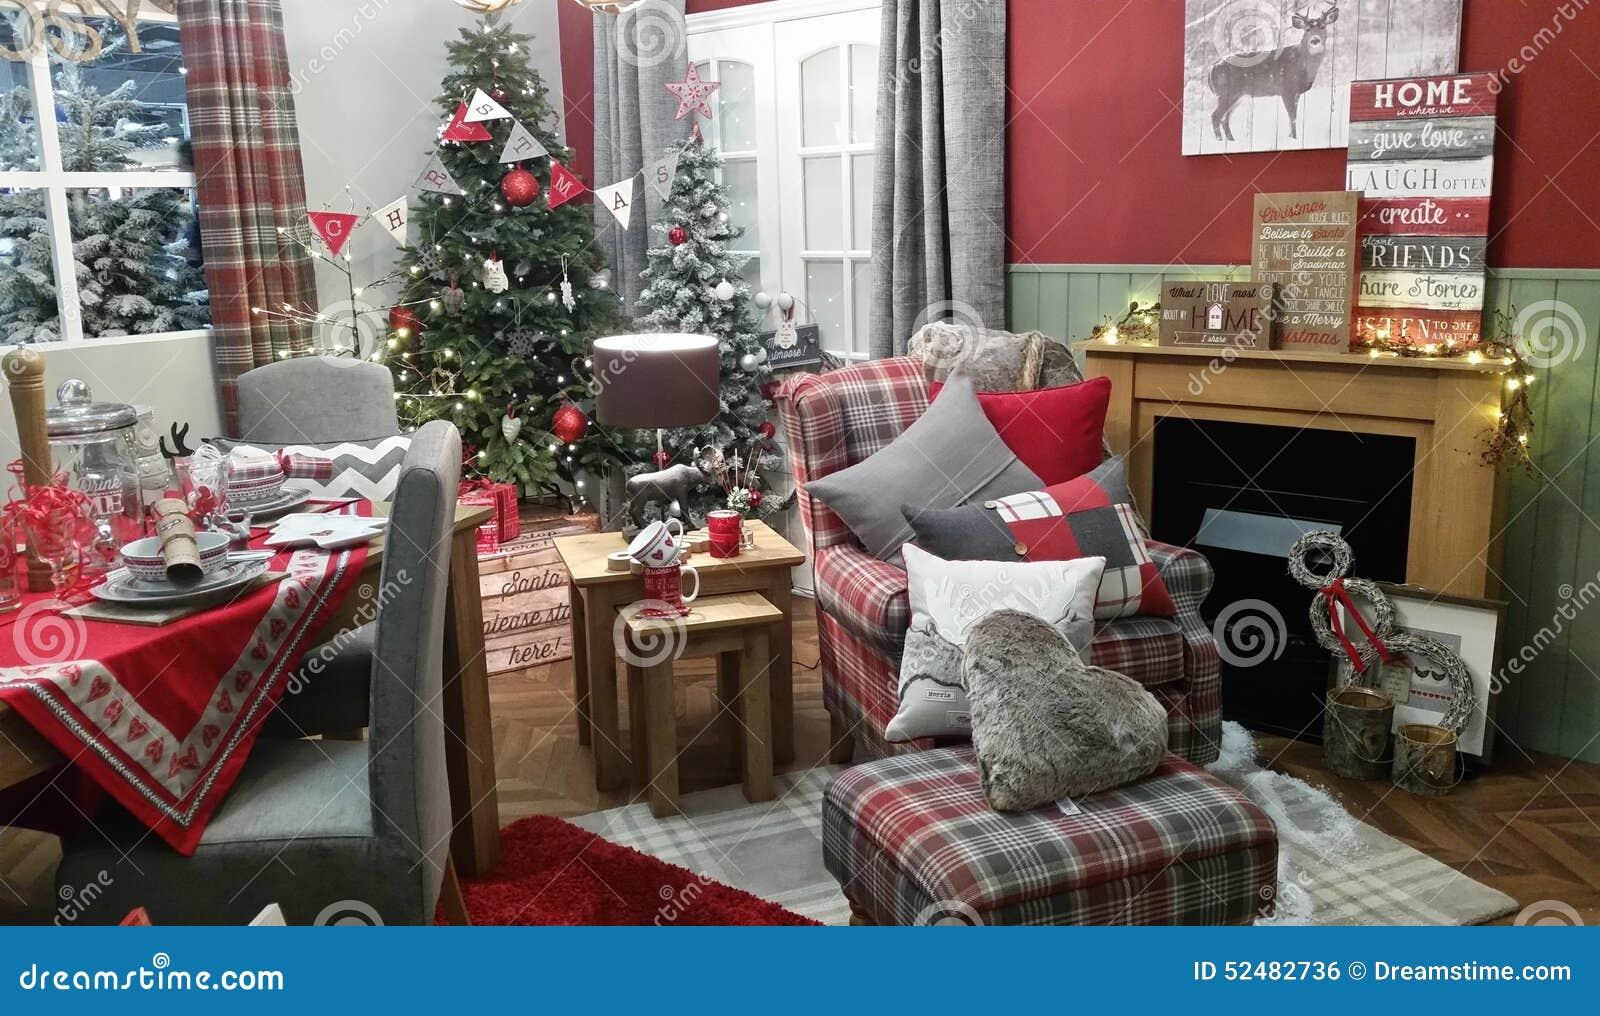 Arrangement Confortable De Decoration De Salon D Hiver De Noel Photo